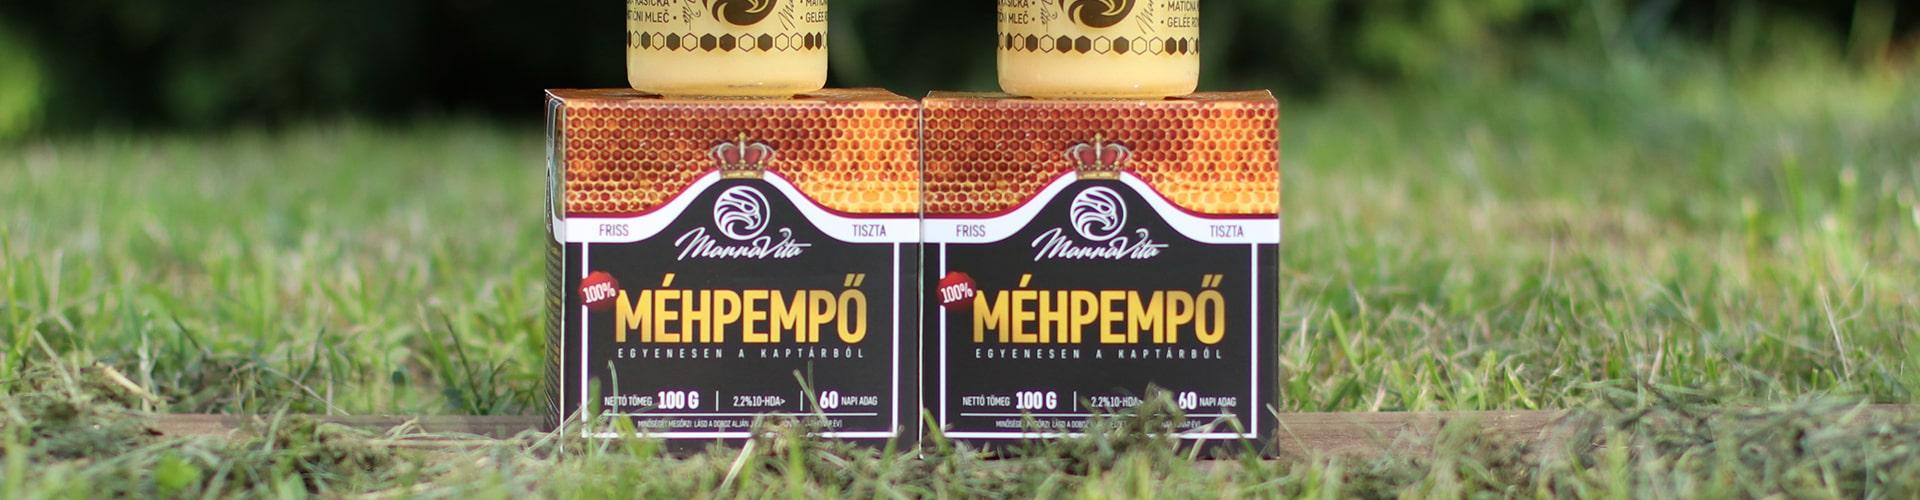 méhpempő magas vérnyomás ellen van egy módszer a magas vérnyomás gyógyítására